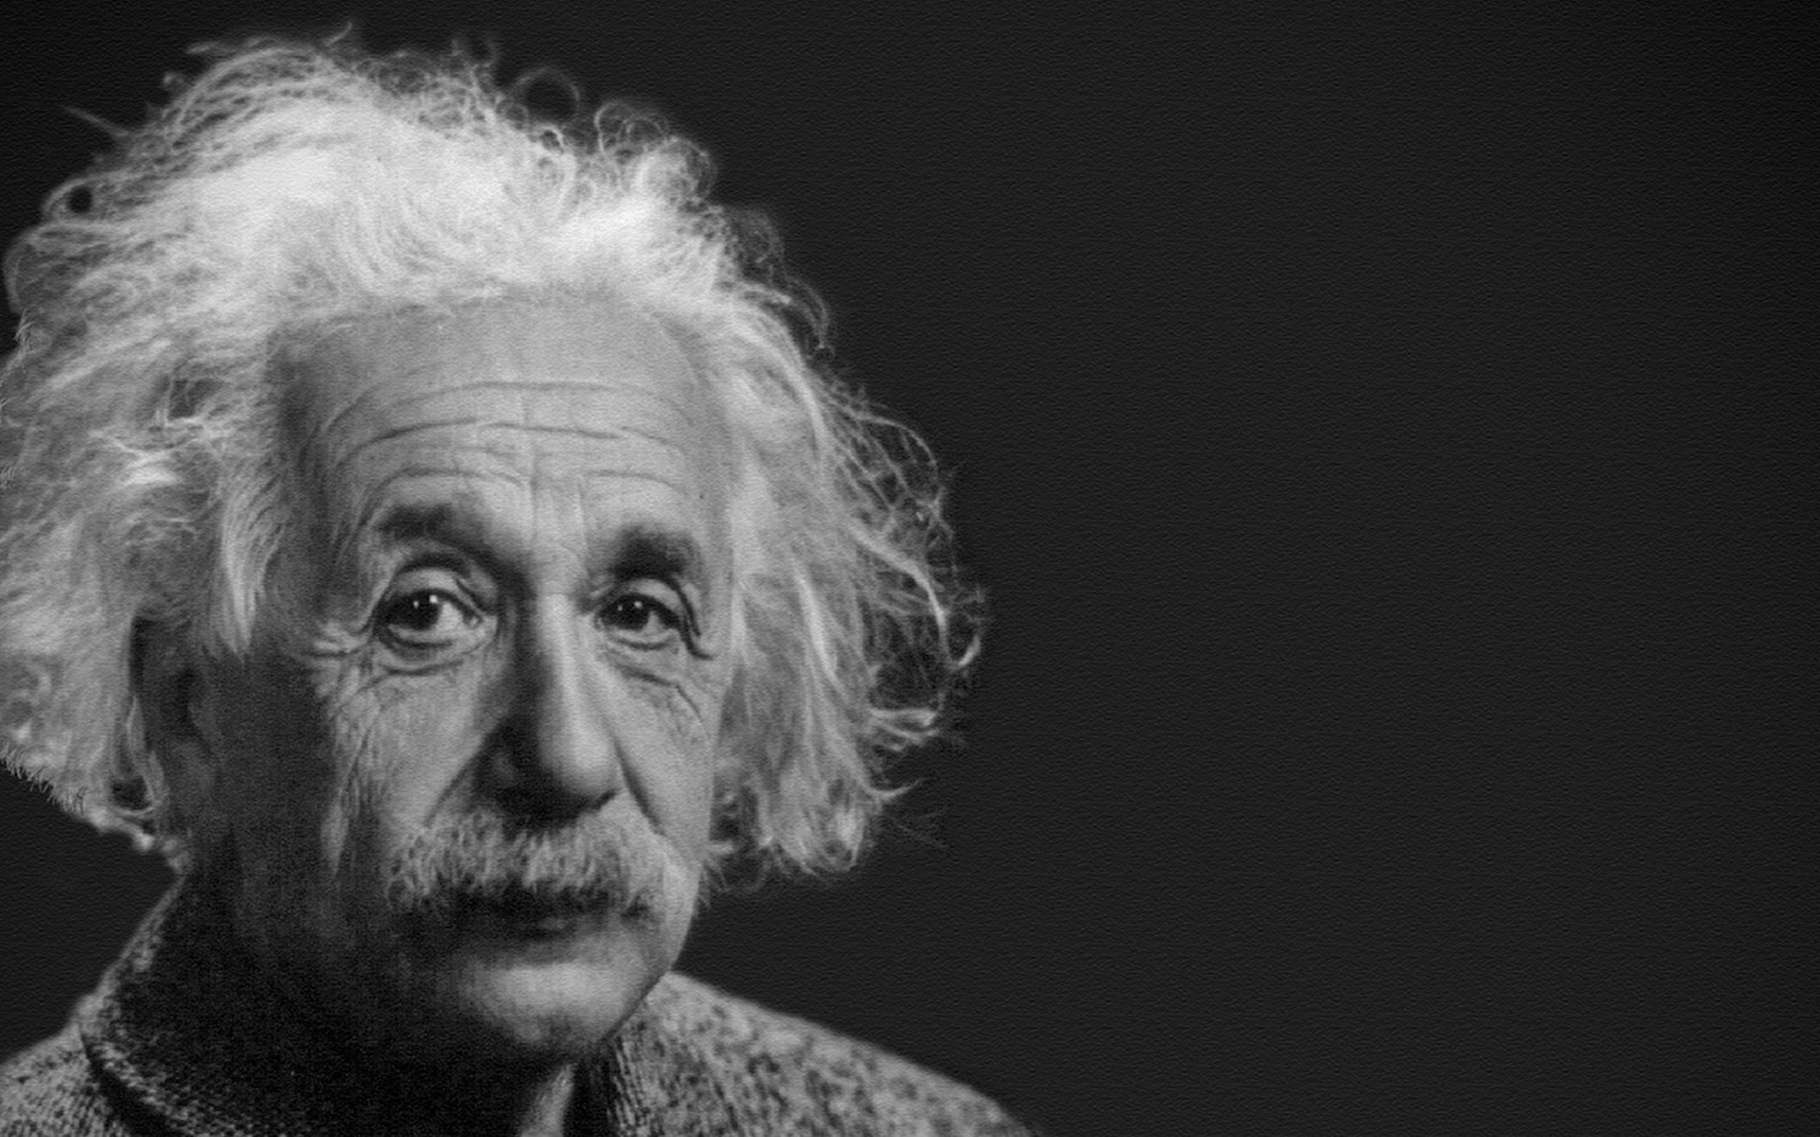 Une note manuscrite d'Albert Einstein s'est vendue aux enchères pas moins de 1,56 millions de dollars. © ParentRap, Pixabay, CC0 Creative Commons